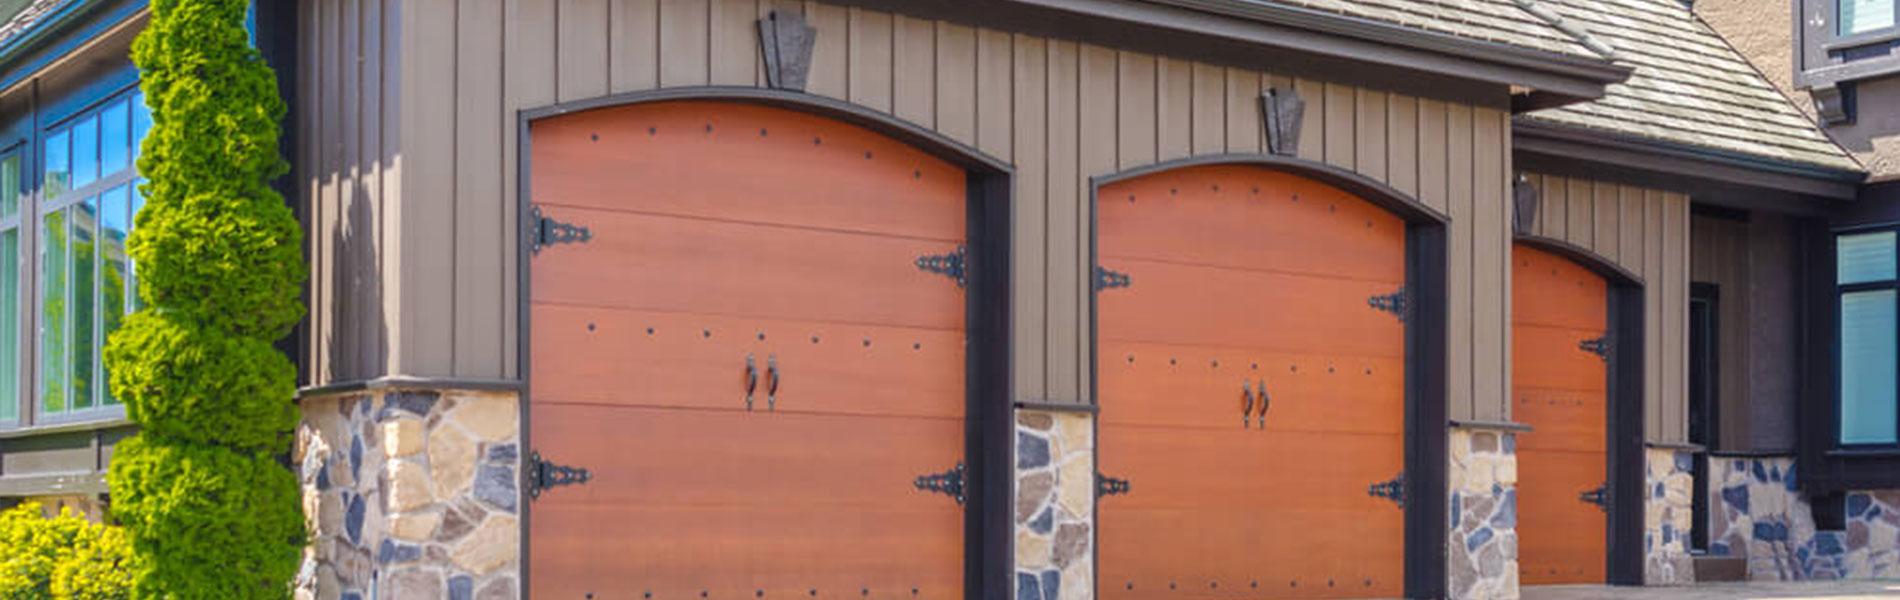 Neighborhood garage door service garage door roller for Garage door repair lake worth fl